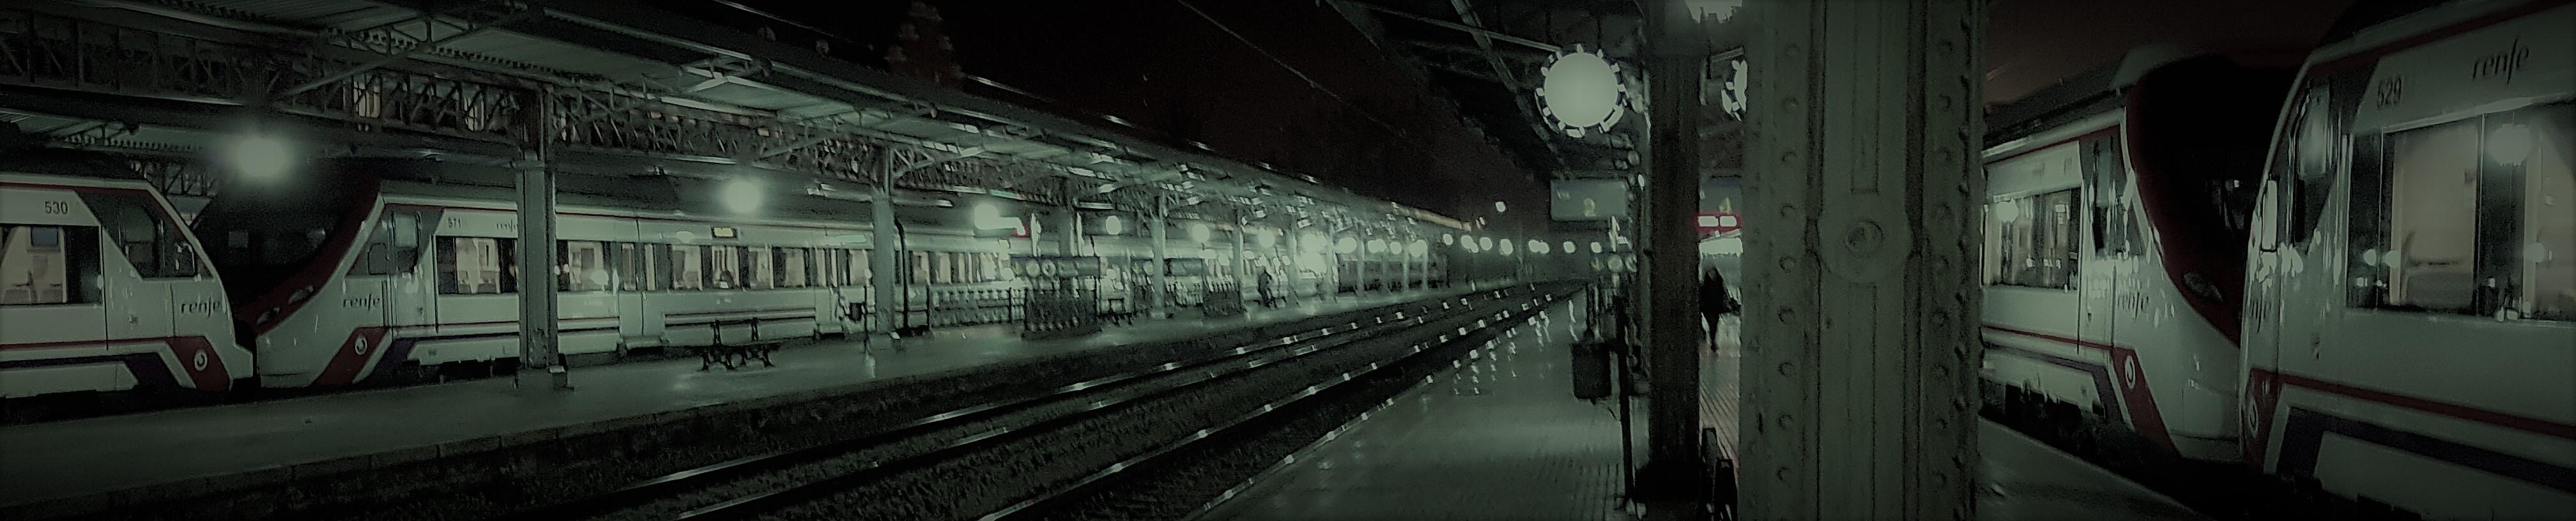 El Blog - Red de Transportes de Aranjuez